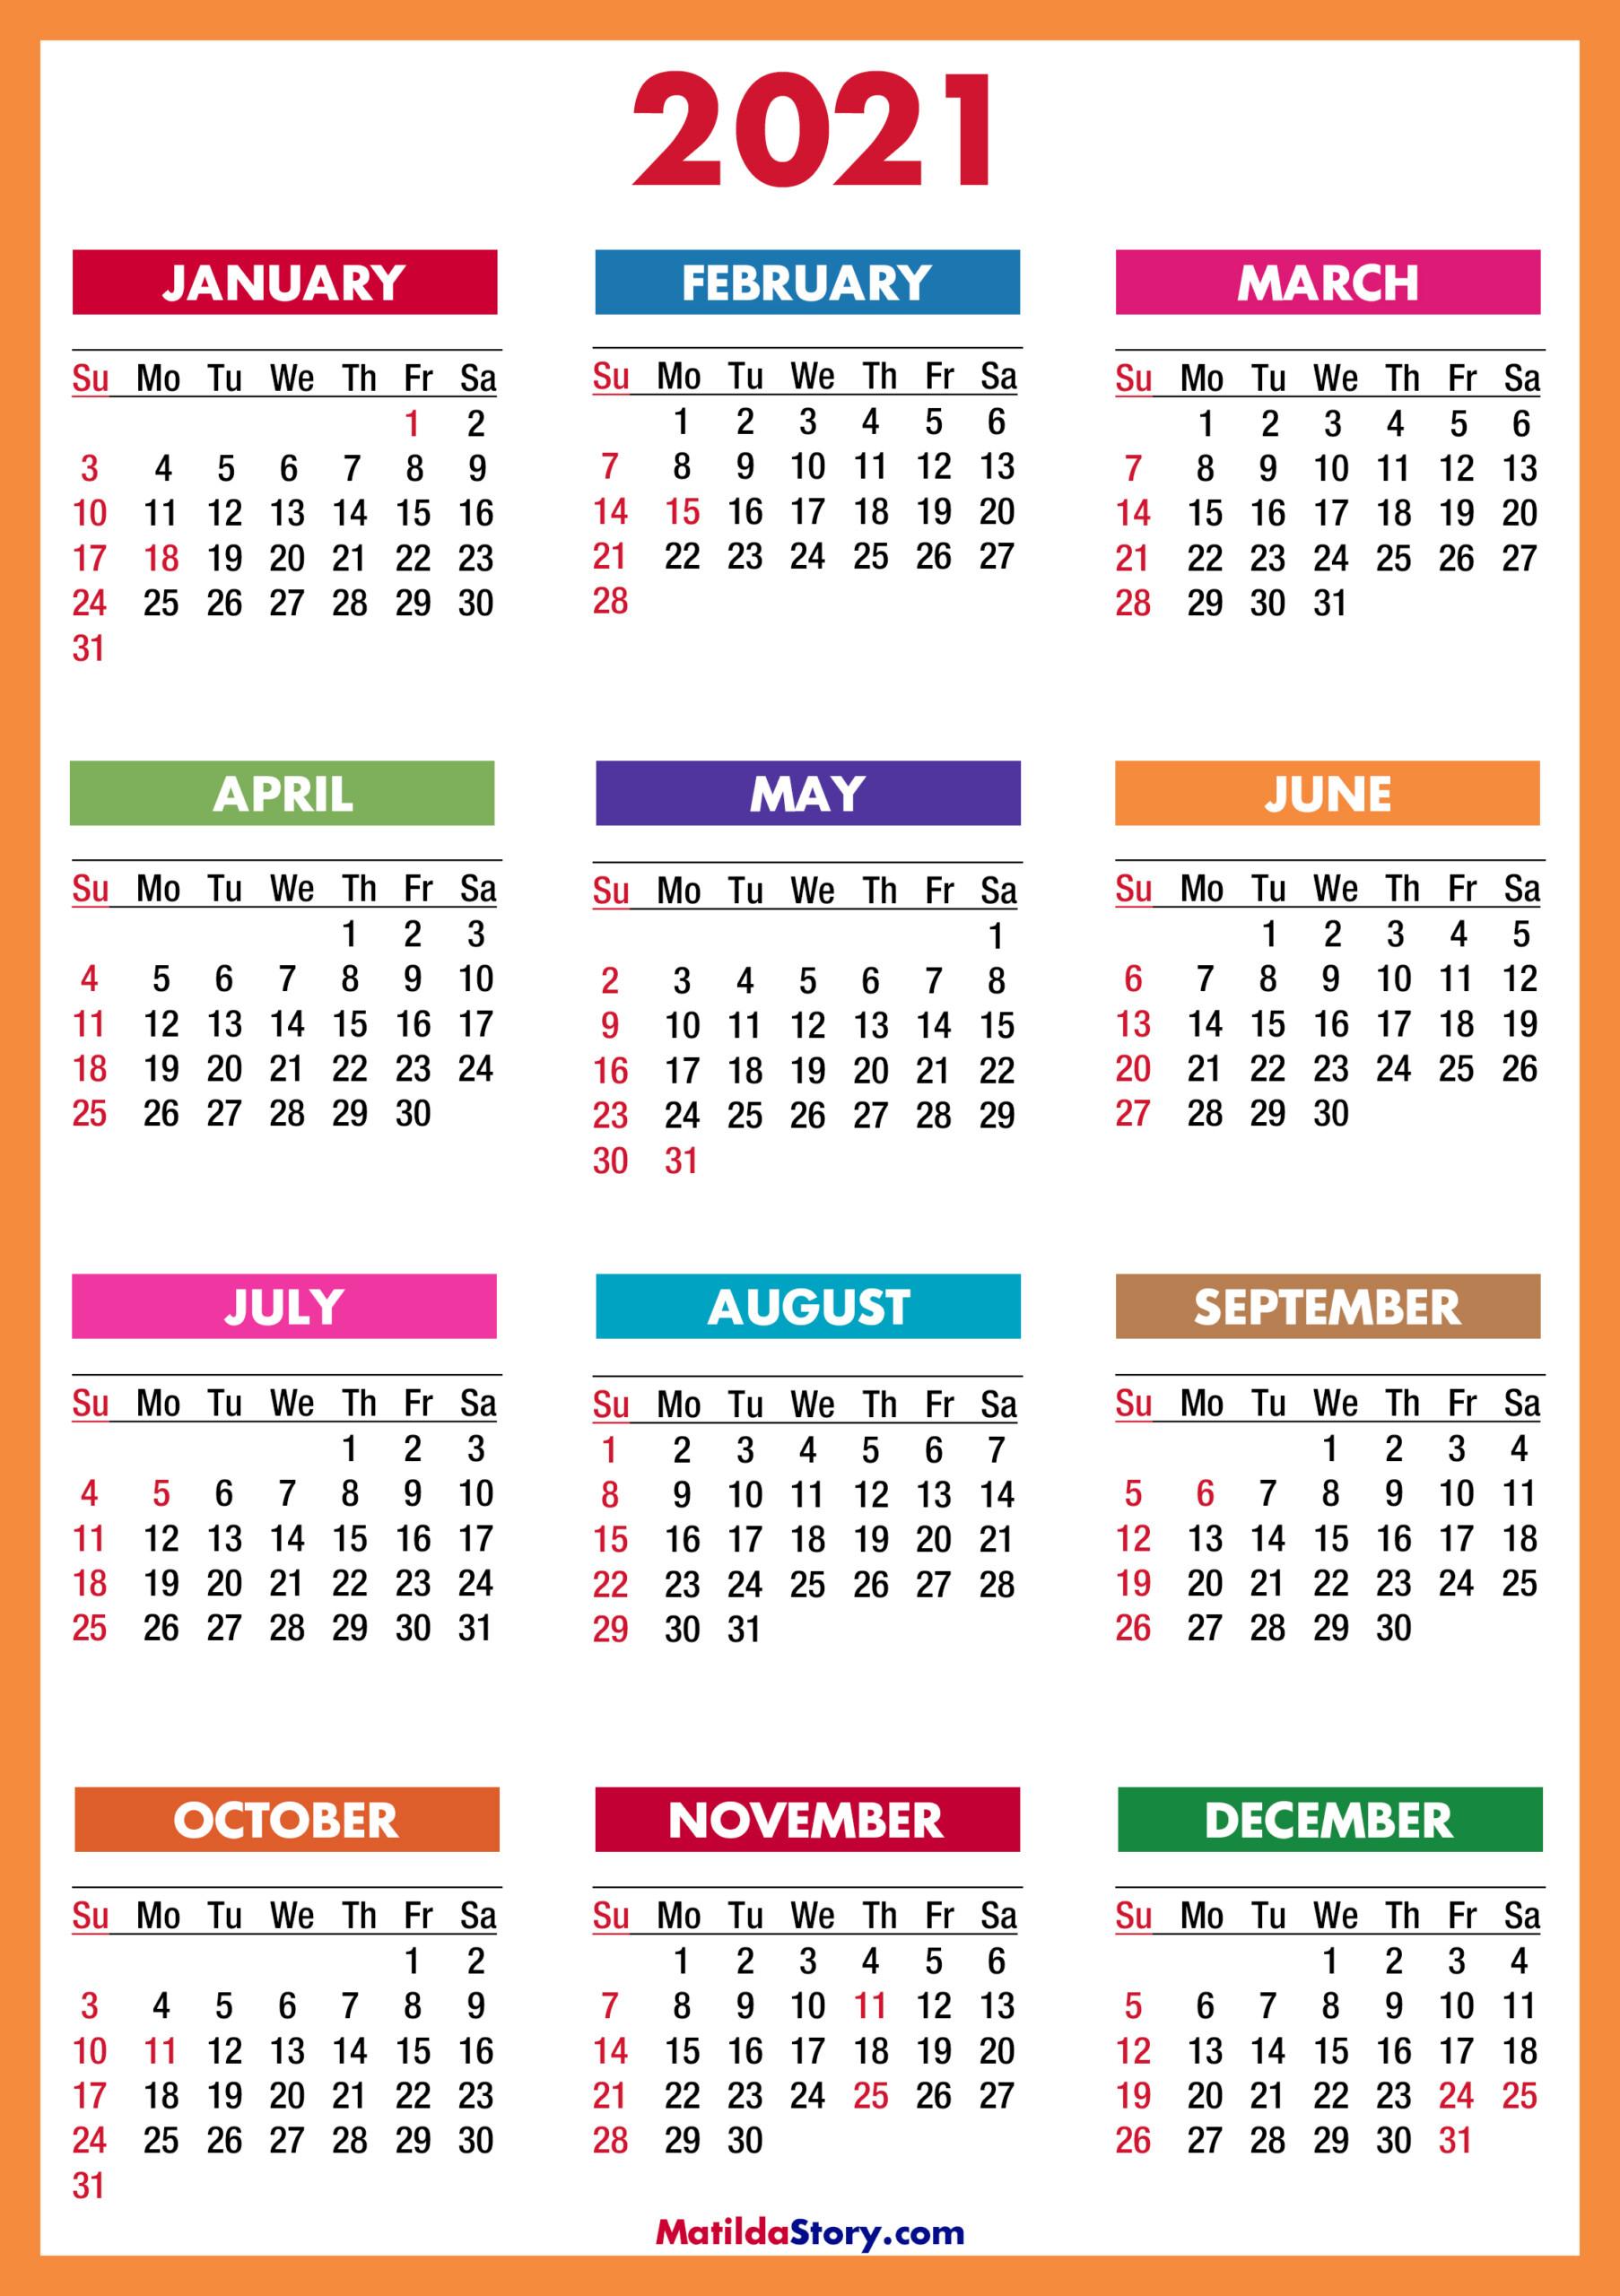 Free Printable 2021 Calendar With Holidays Usa   2021